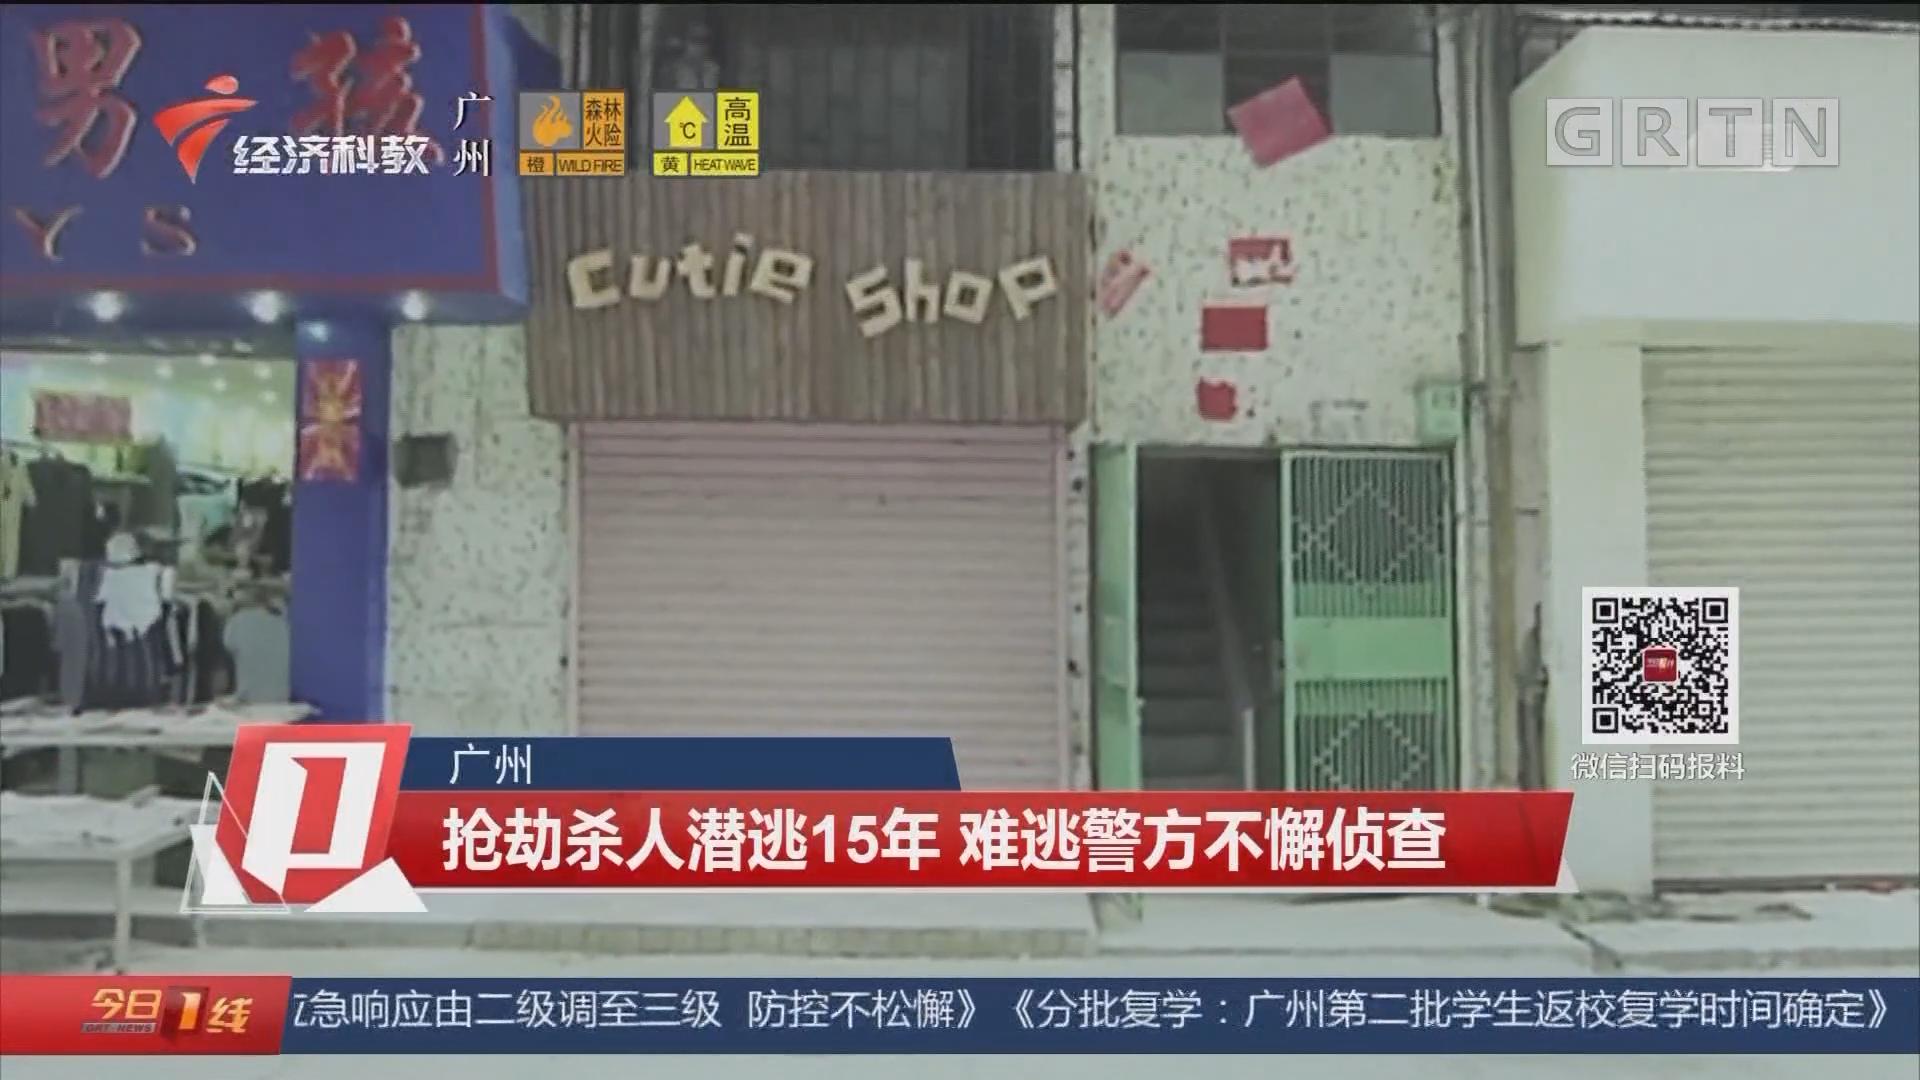 廣州 搶劫殺人潛逃15年 難逃警方不懈偵查